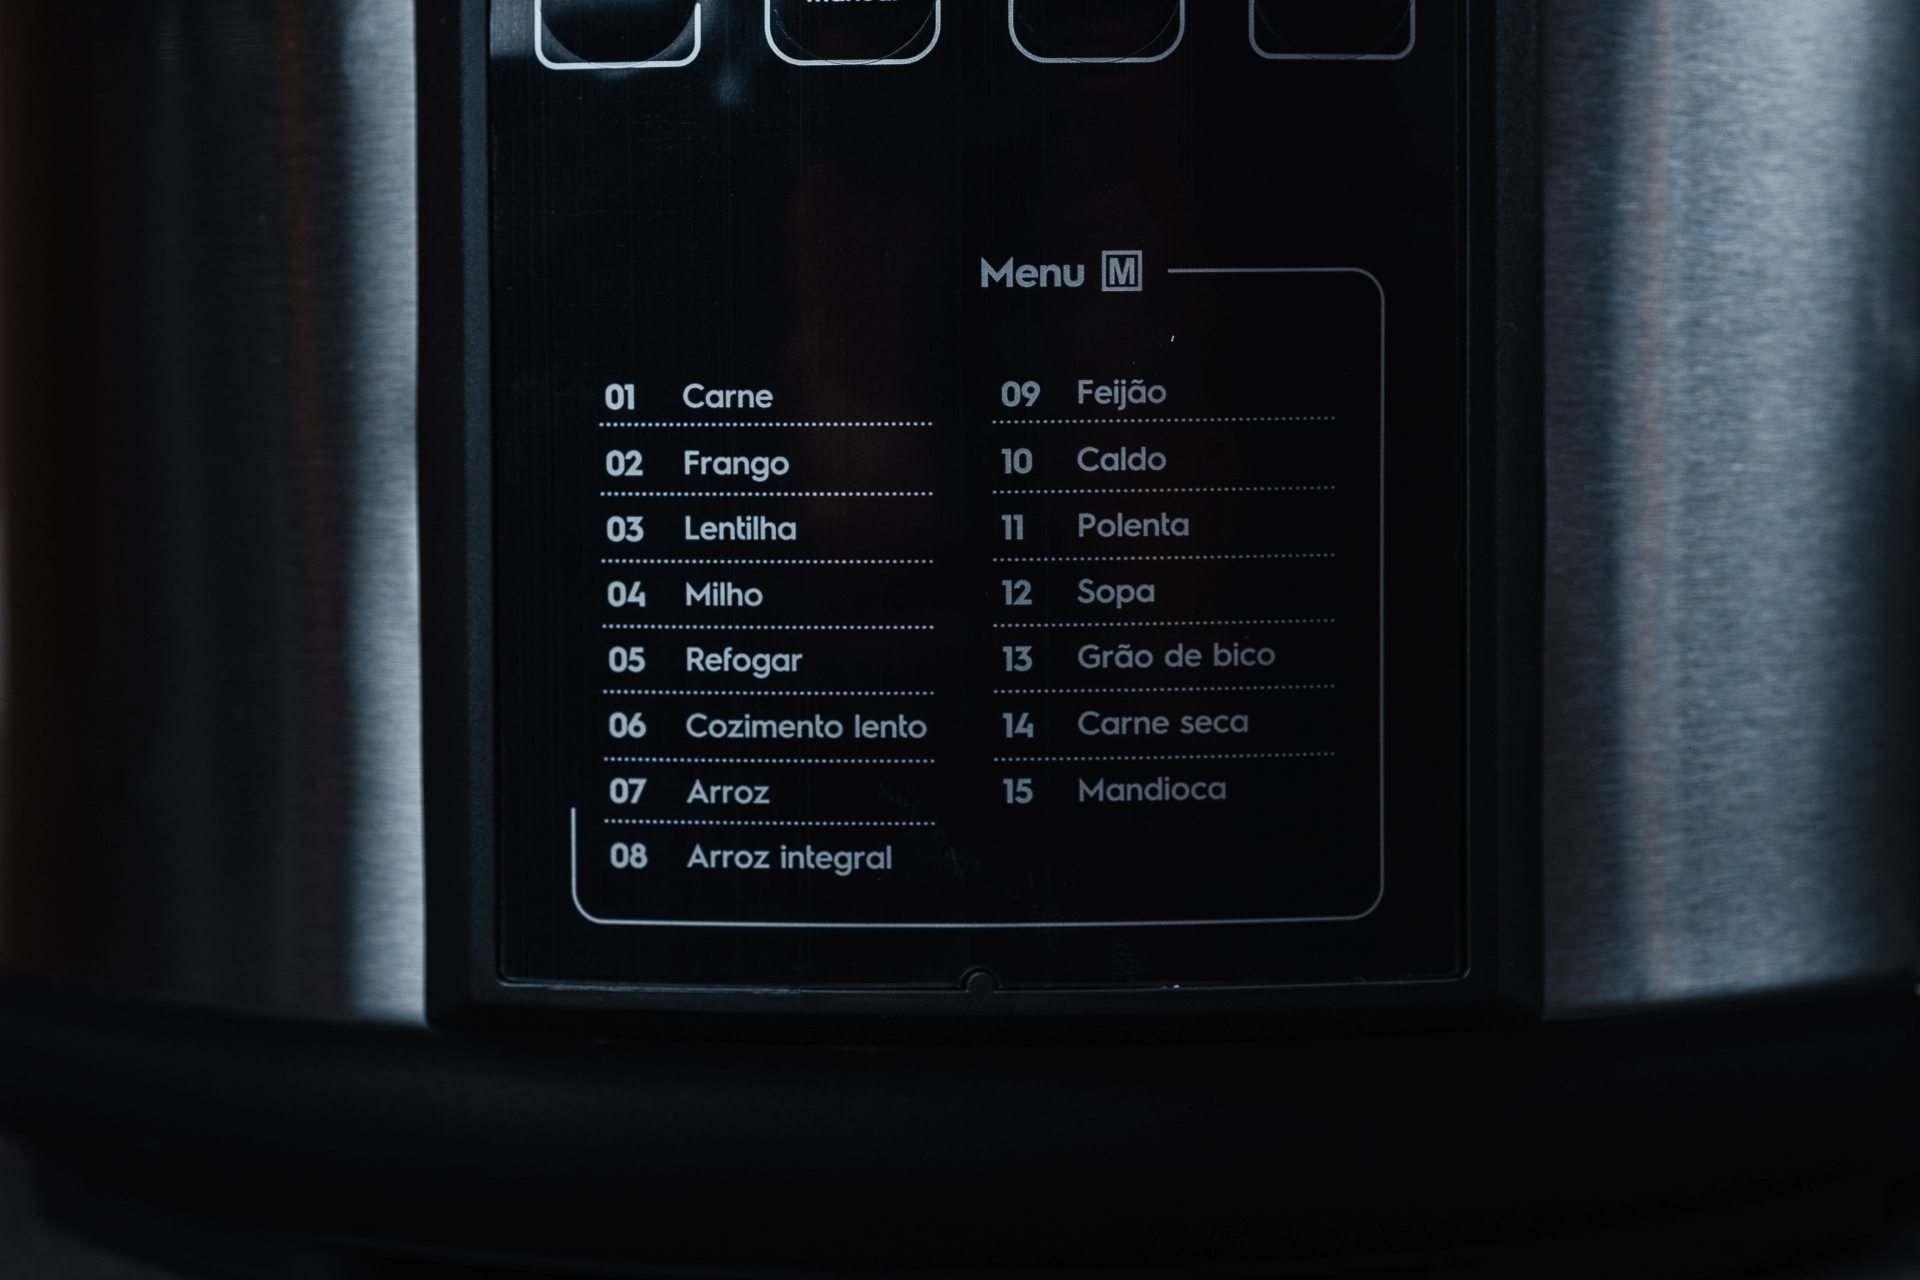 Detalhe dos números e nomes das receitas e funções predefinidas da panela em branco no fundo preto